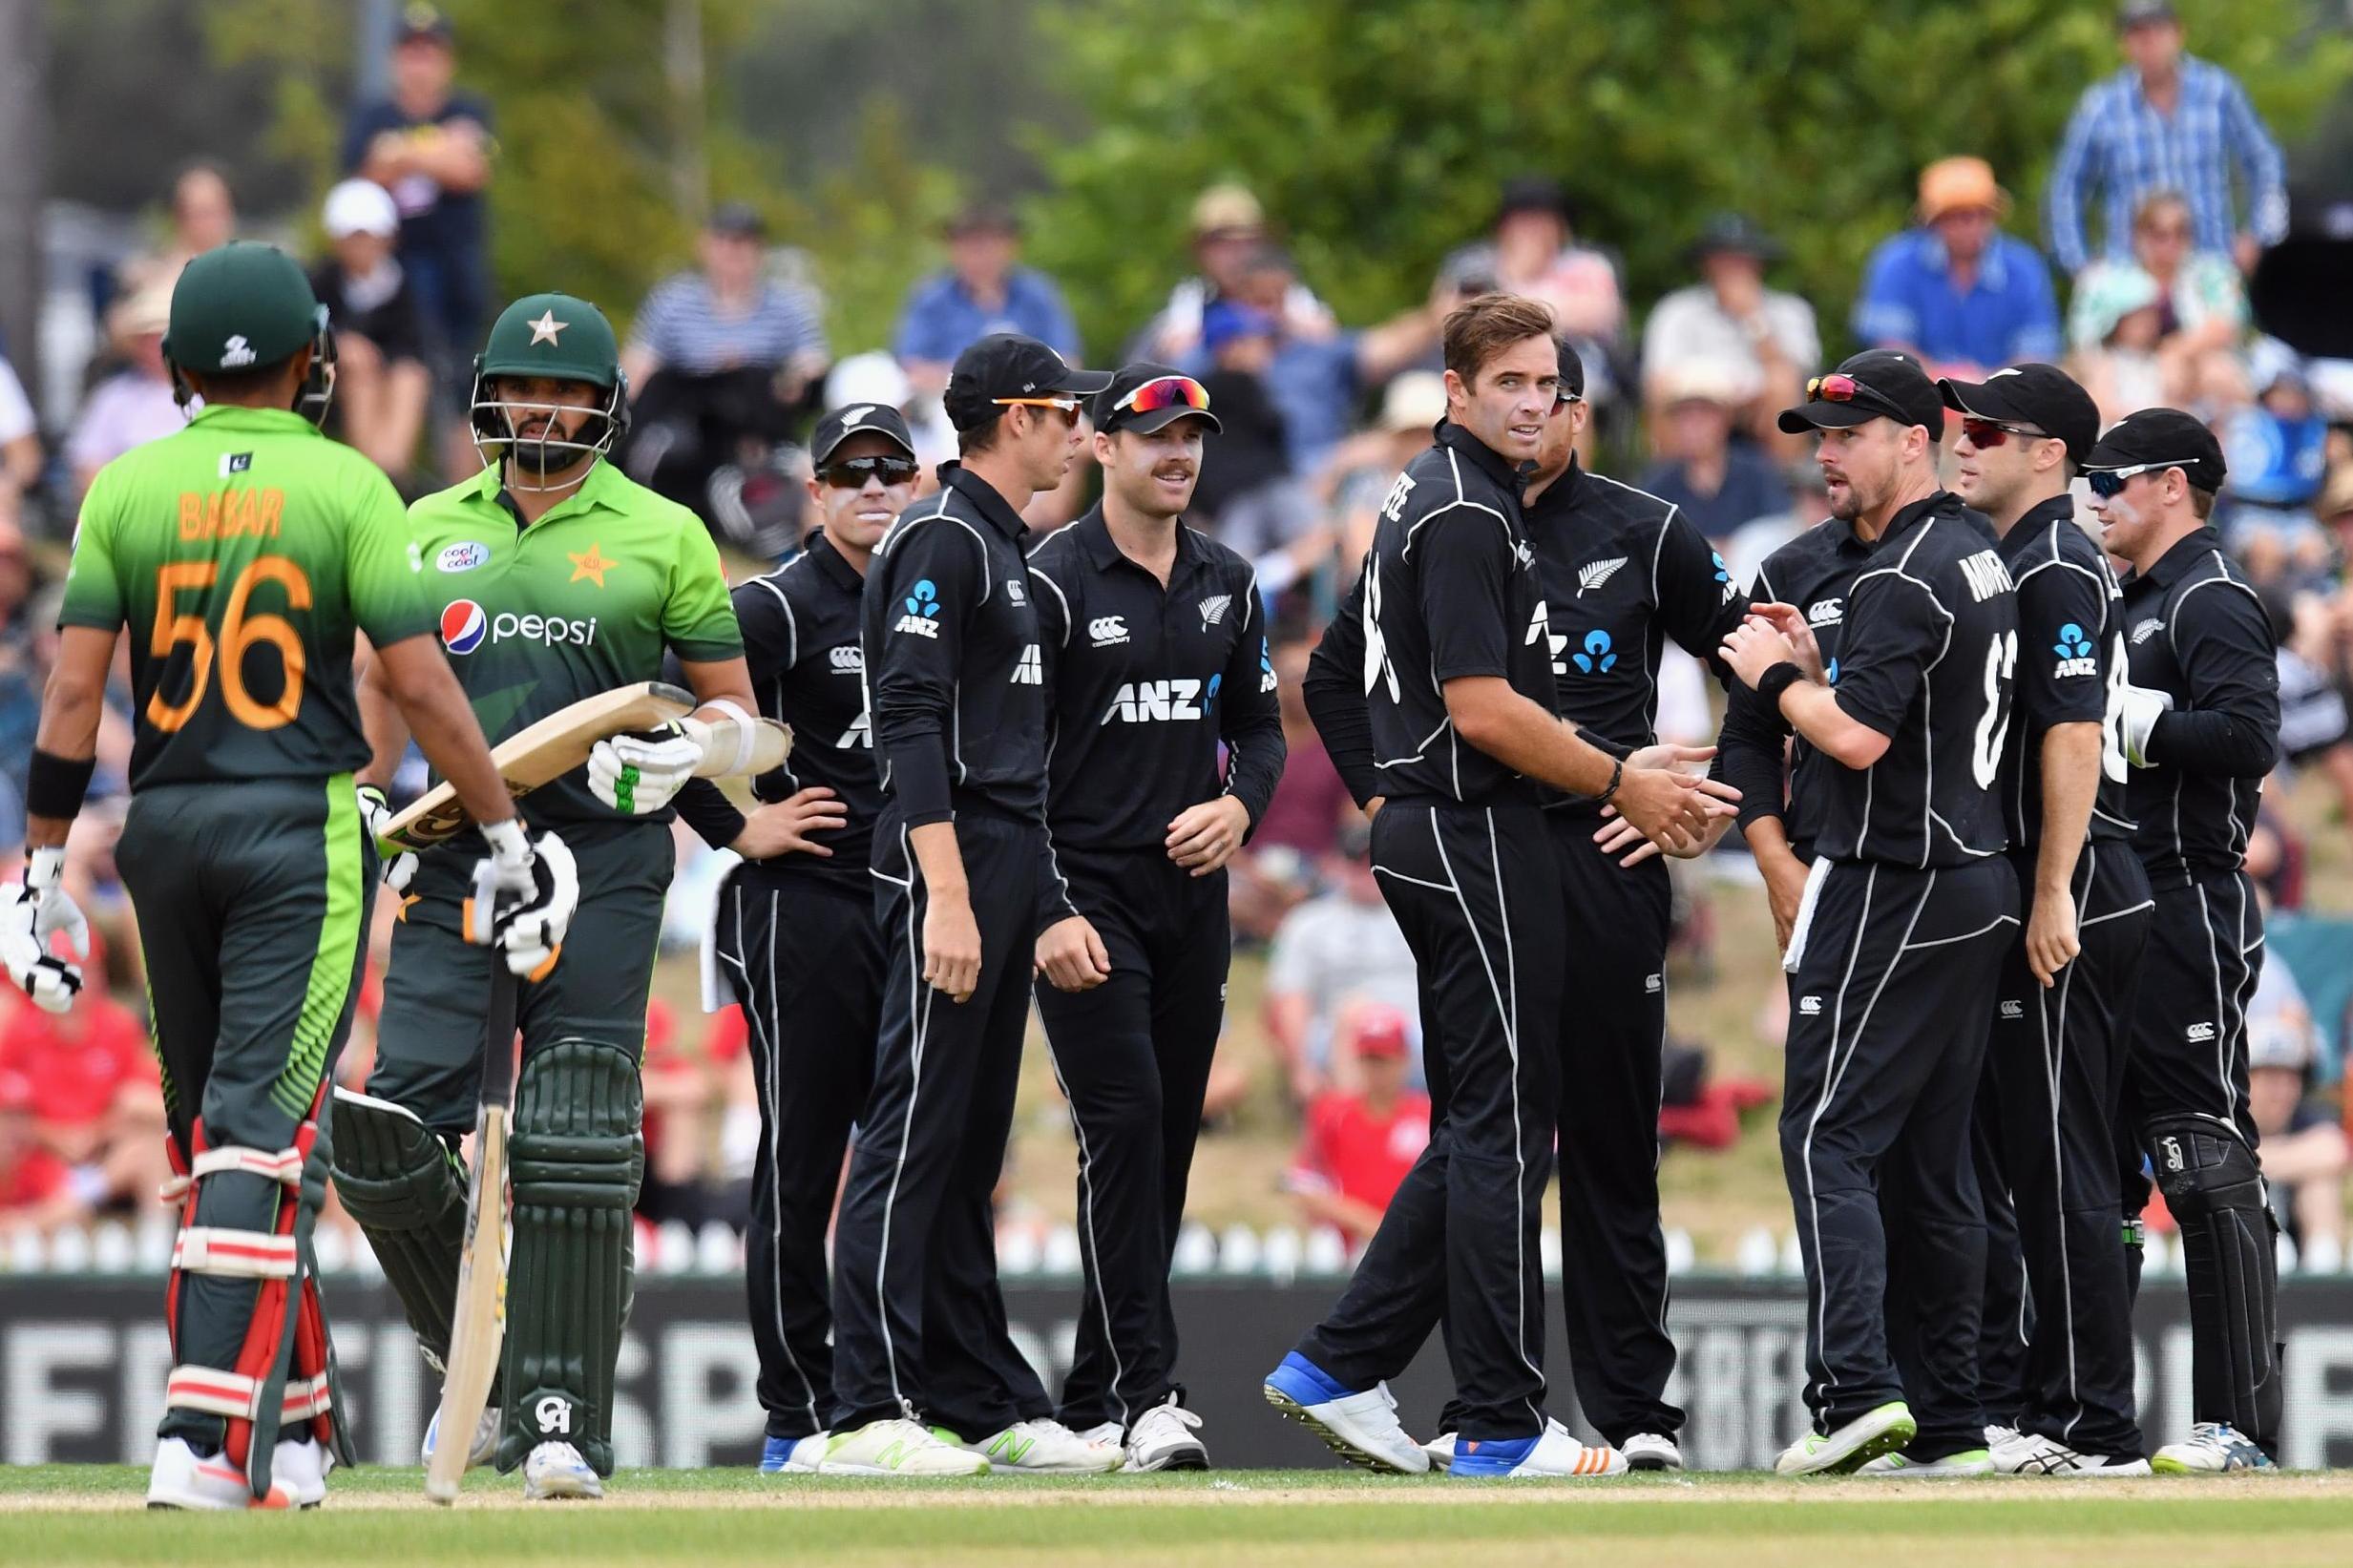 211 दिनों के रेस्ट के बाद खेलेगी न्यूज़ीलैंड, इस बीच भारत ने खेल लिए इतने वनडे, टेस्ट और टी-20 मैच 2